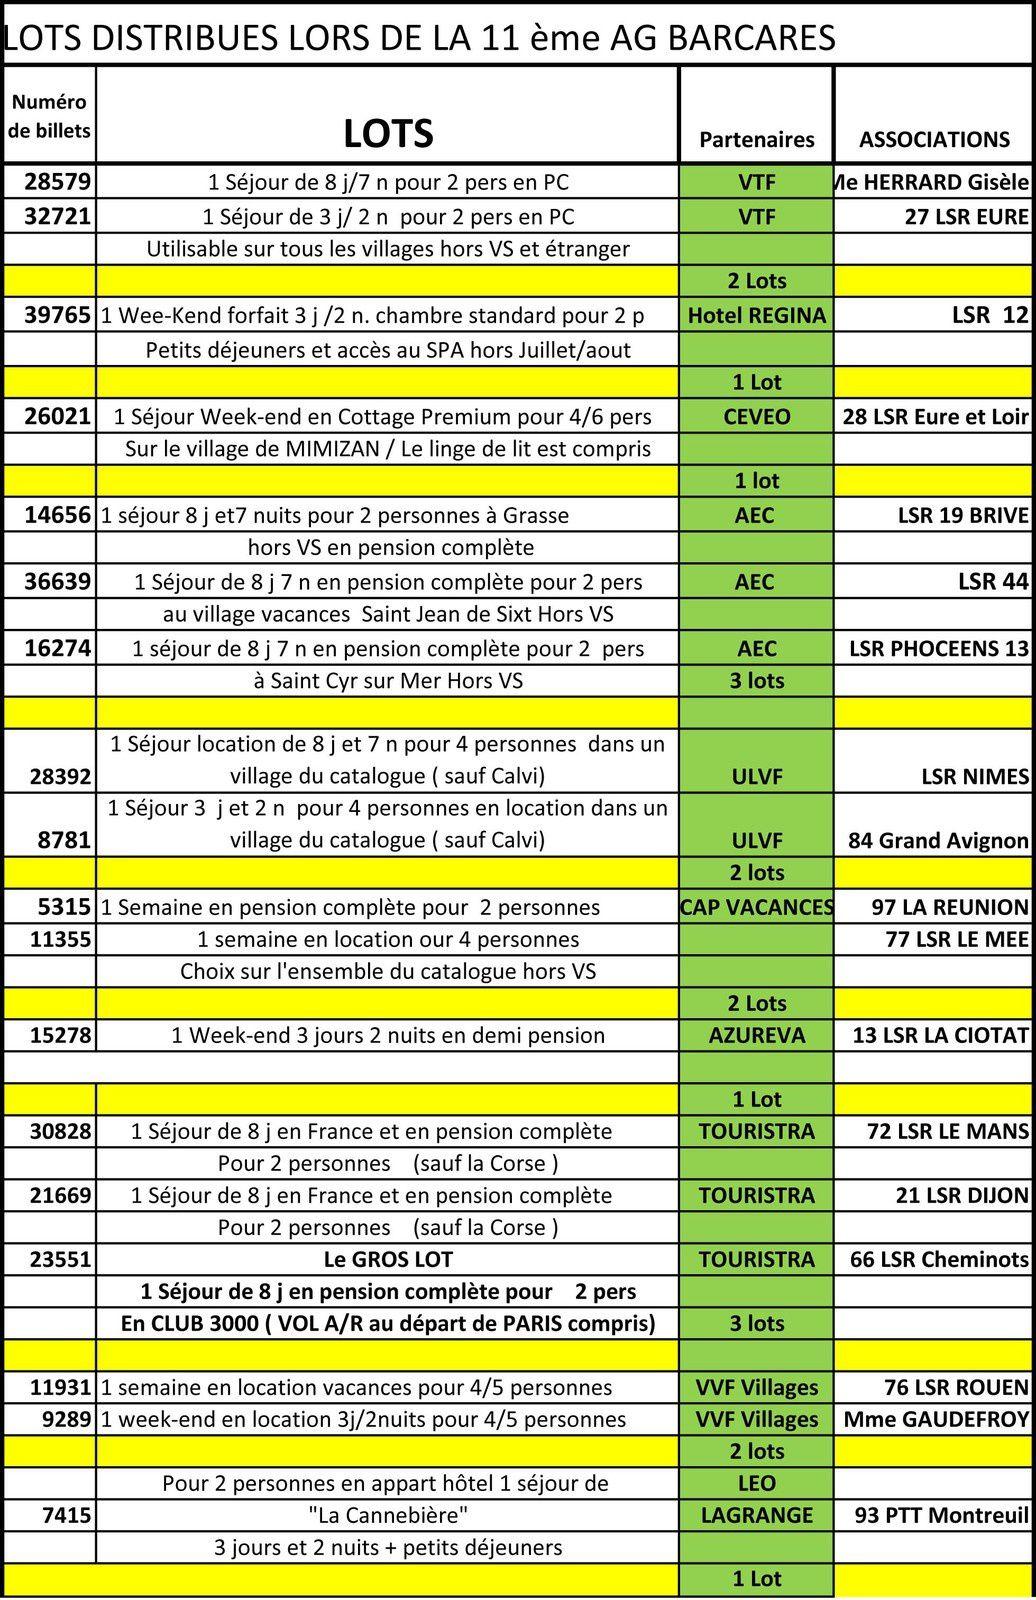 Résultats souscription fédérale